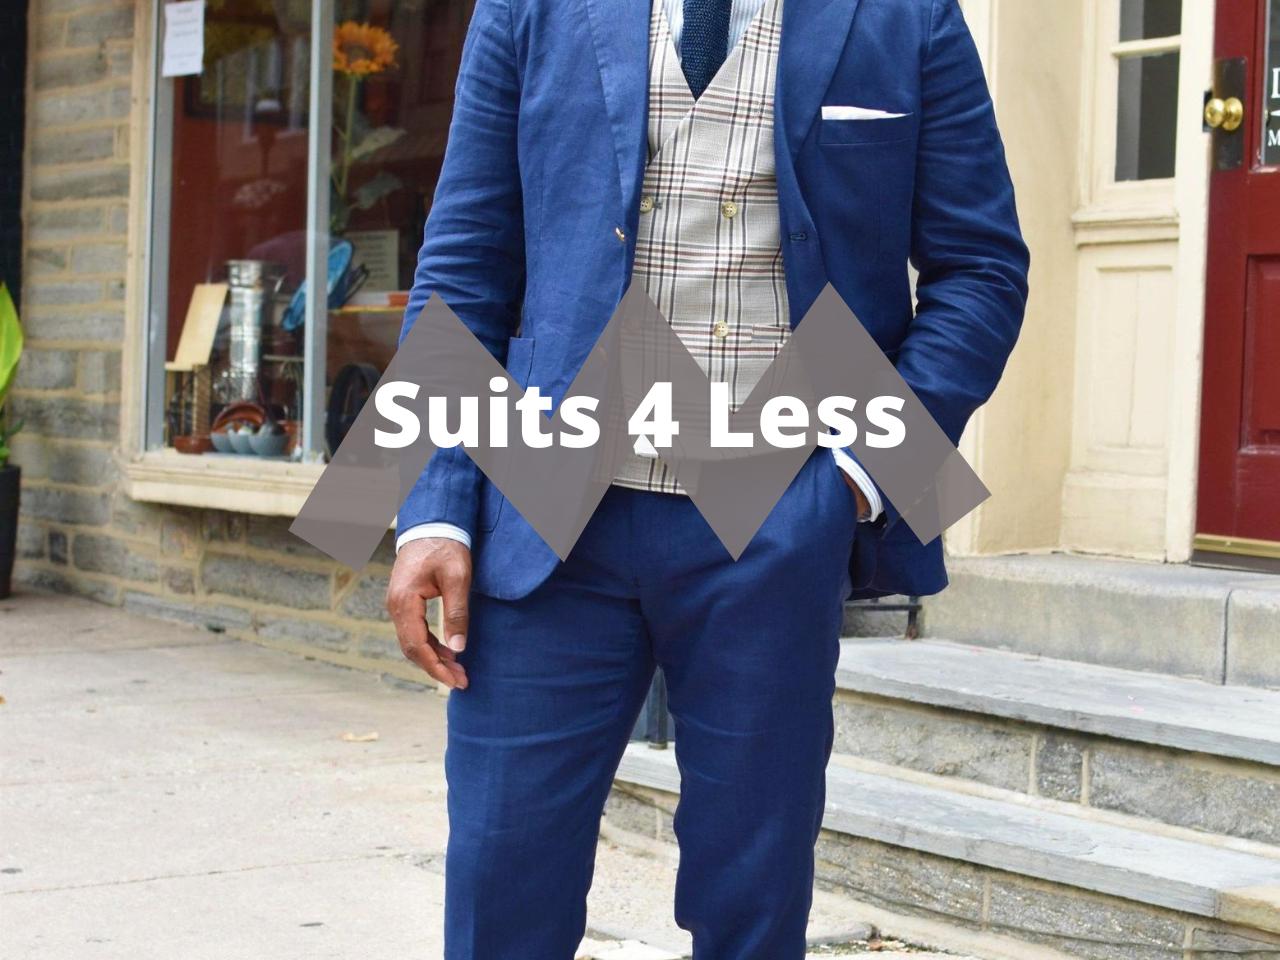 Suits 4 Less